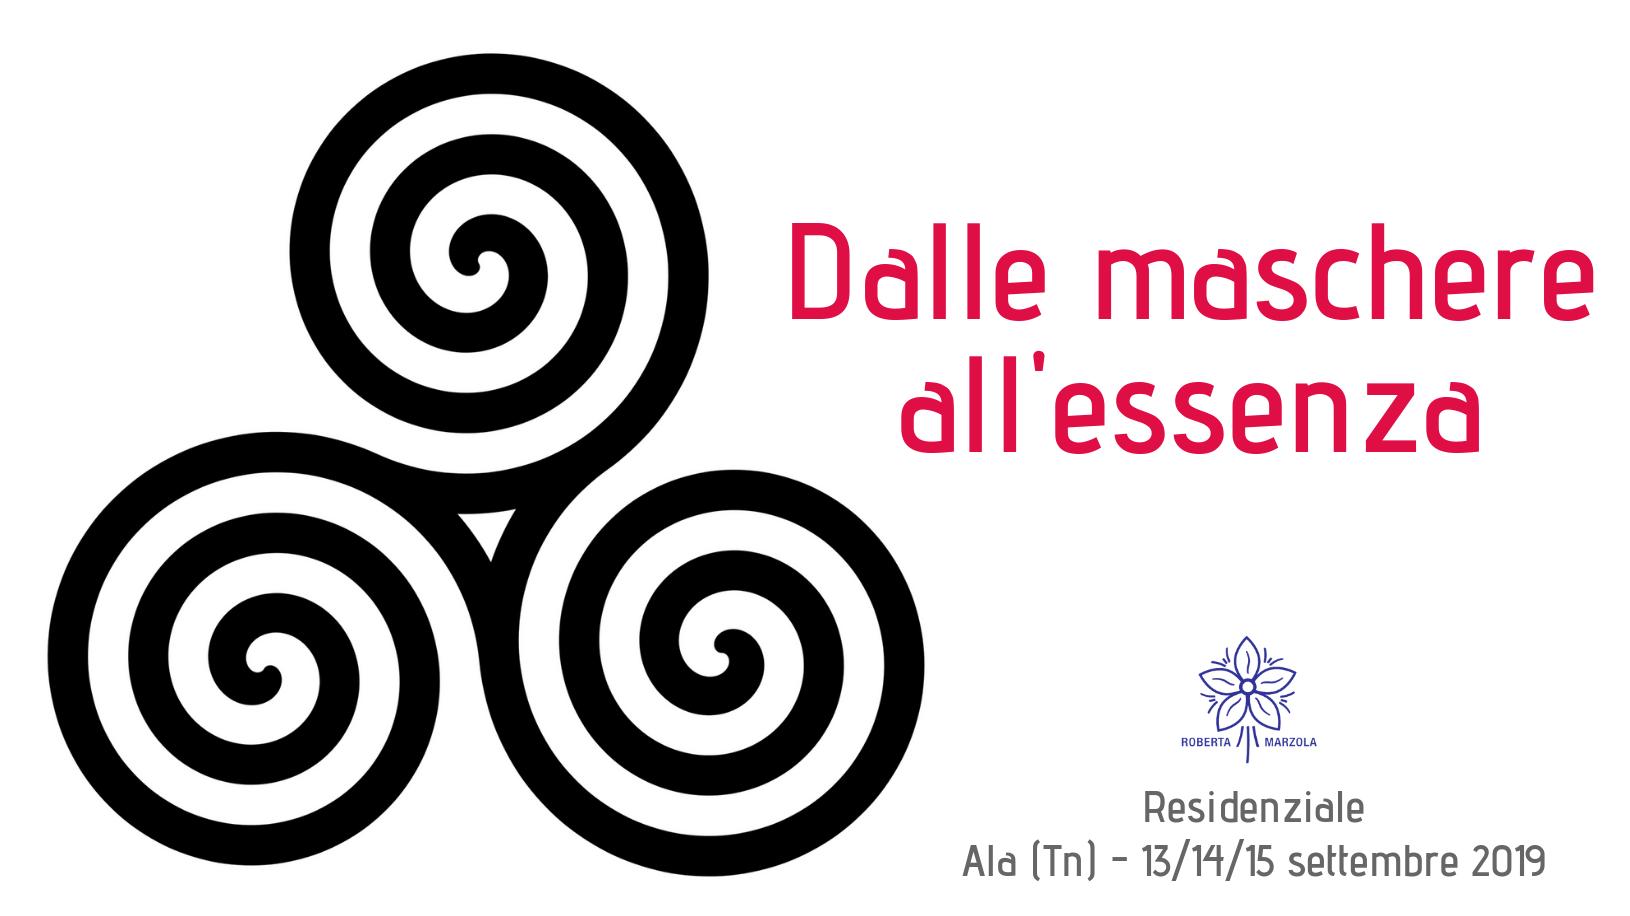 Dalle maschere all'essenza - seminario residenziale